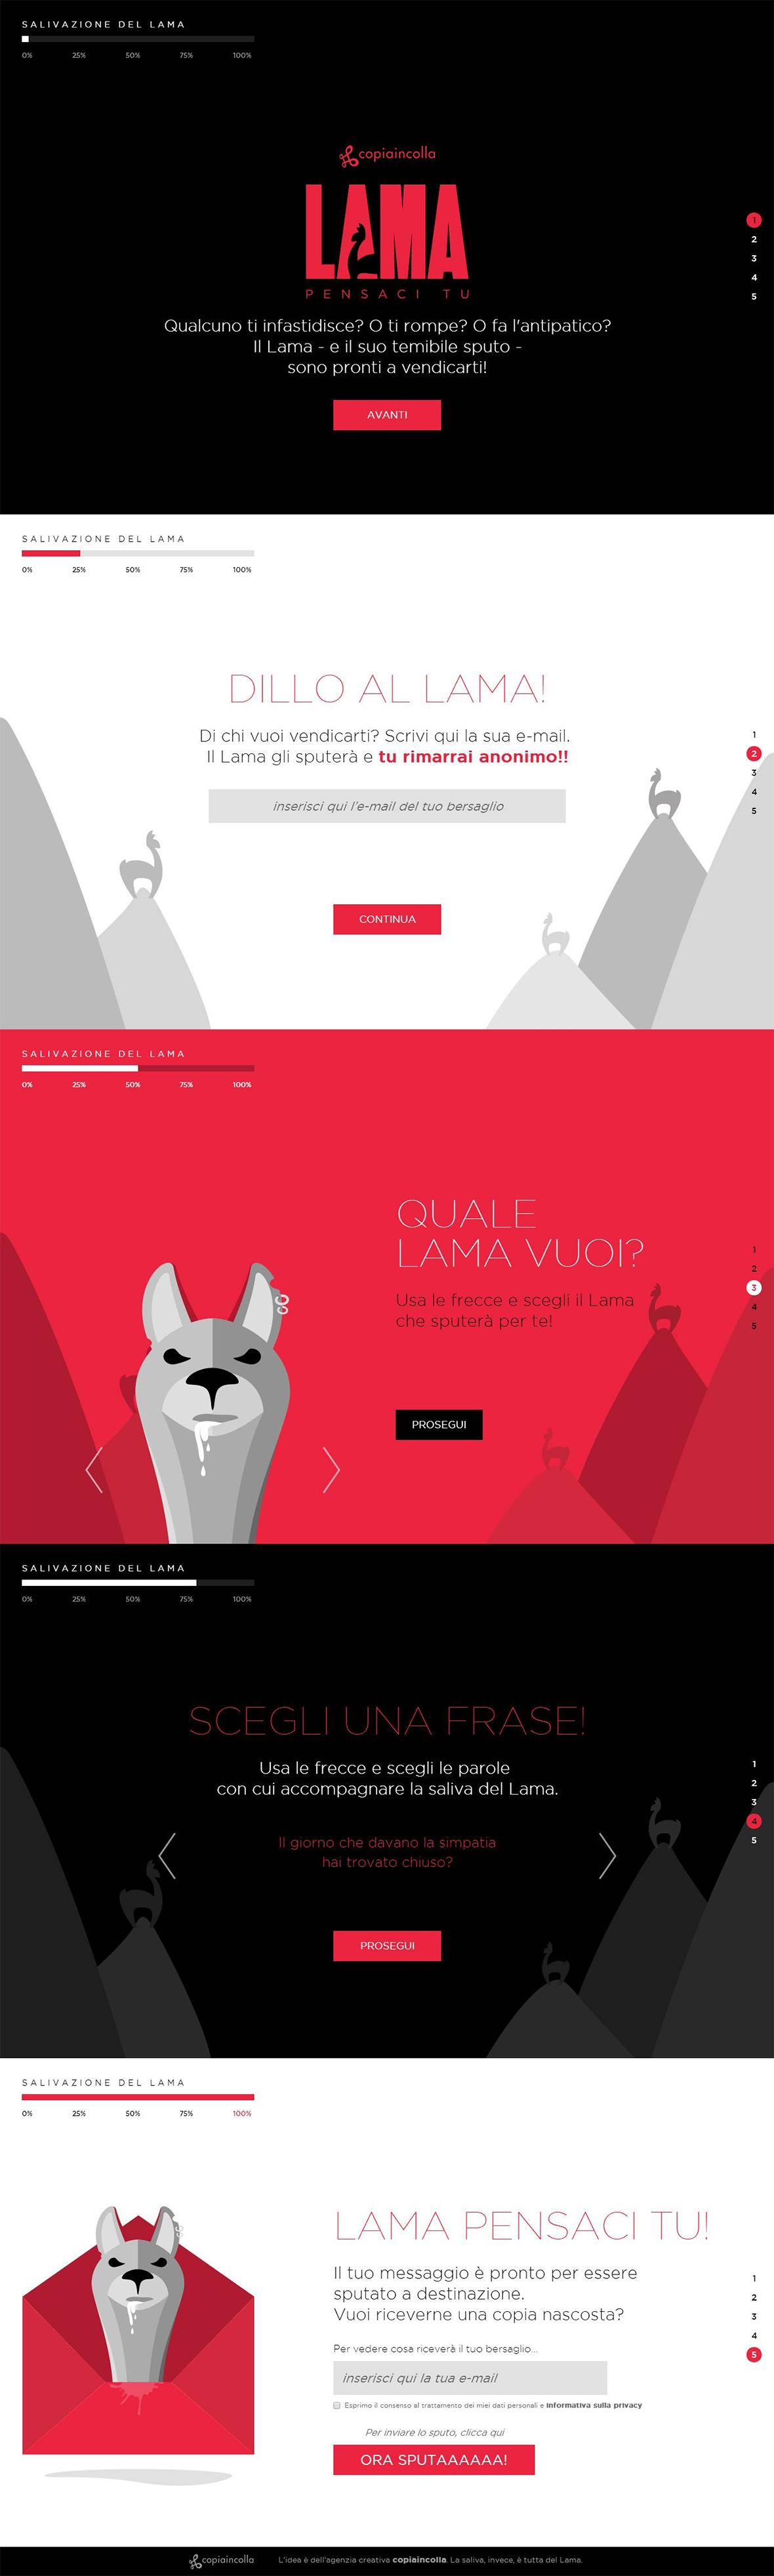 LAMA-创意,网页设计,创意设计,创意网站,网站设计,创意作品,设计作品,网站欣赏,优,ui设计,设计,设计师,优秀设计